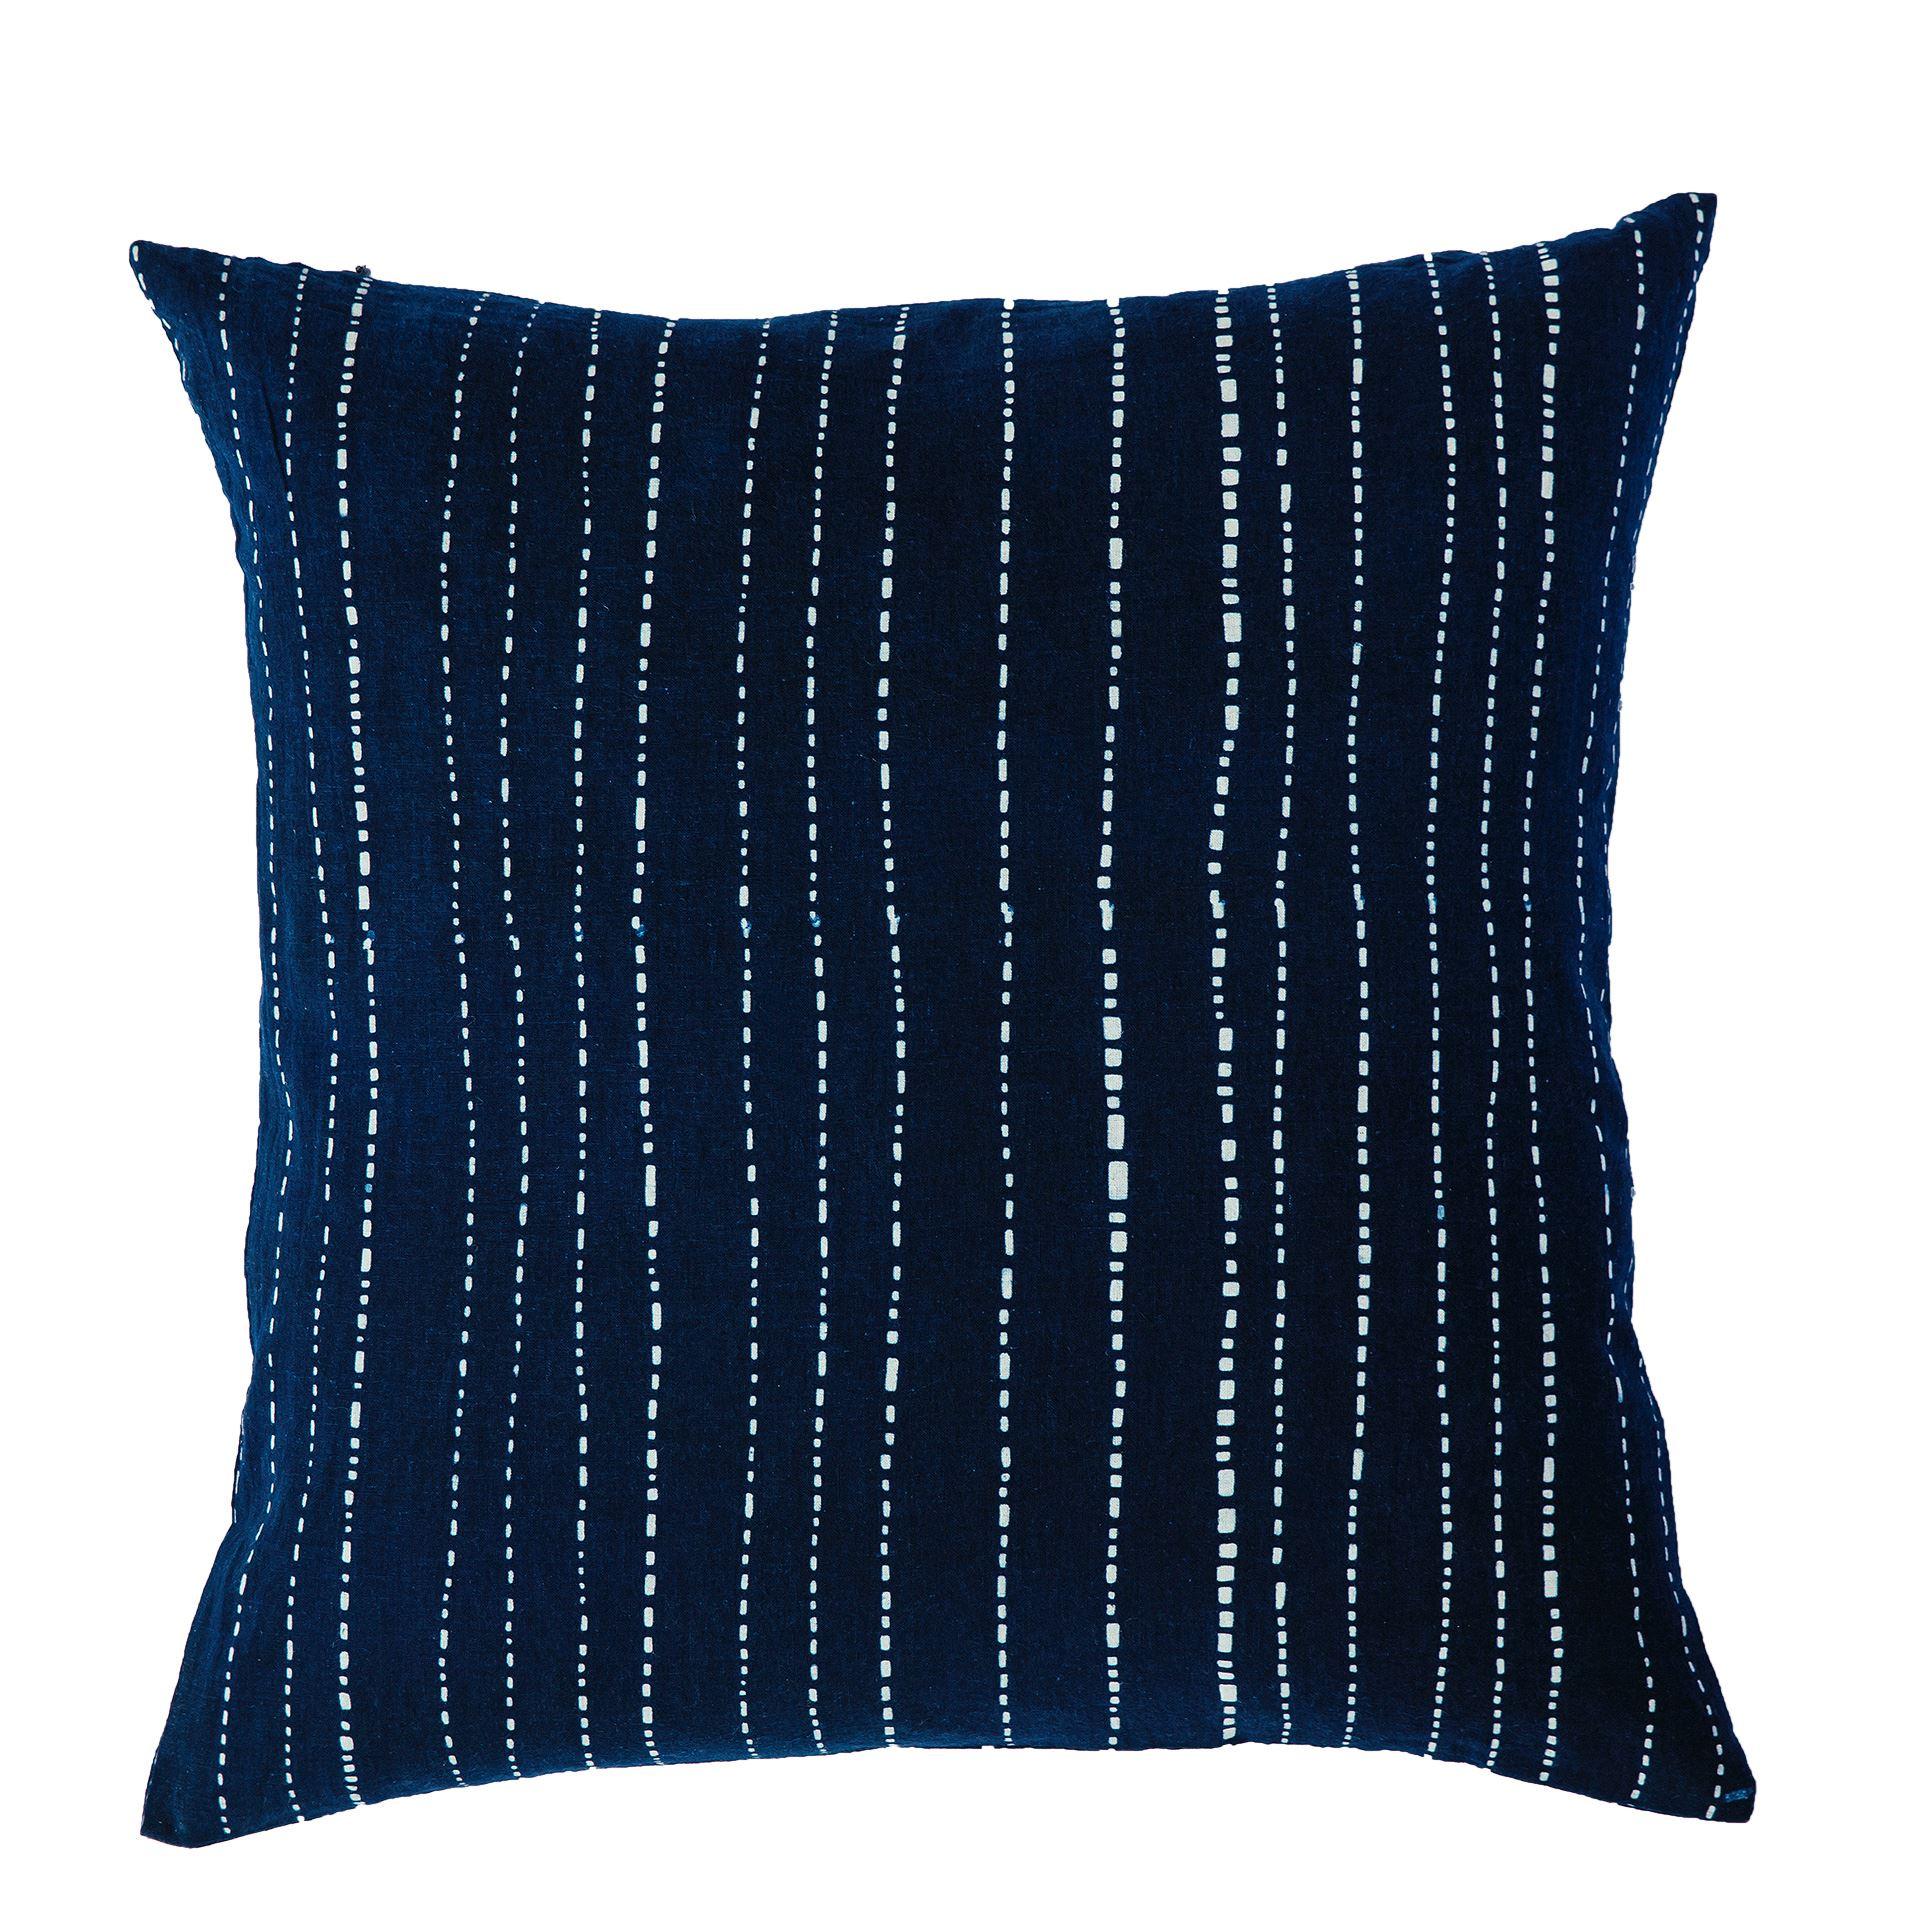 Picture of Pindler Shibori Cushion